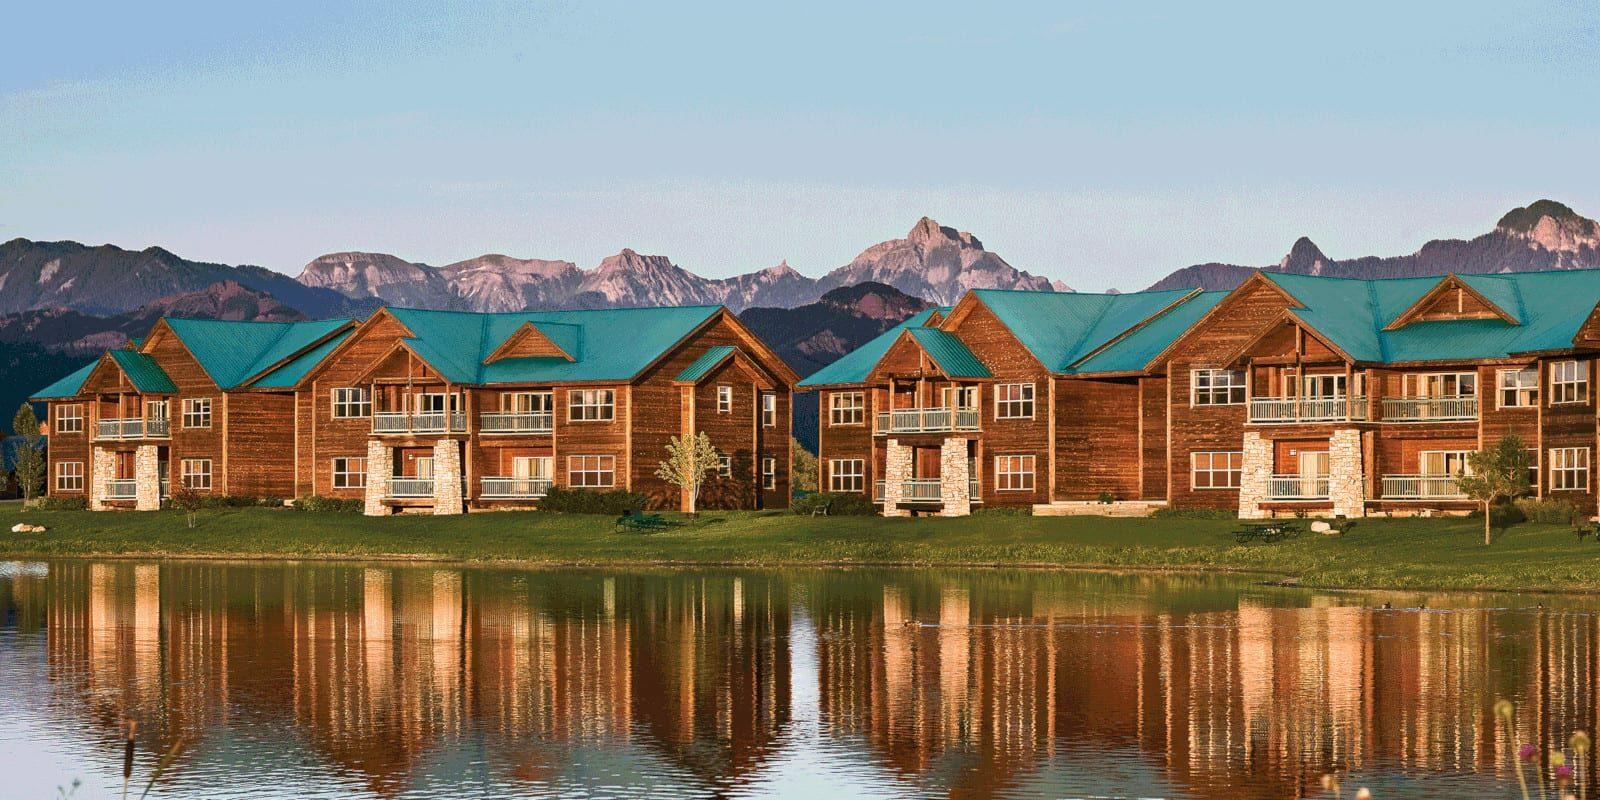 Club Wyndham Pagosa Springs